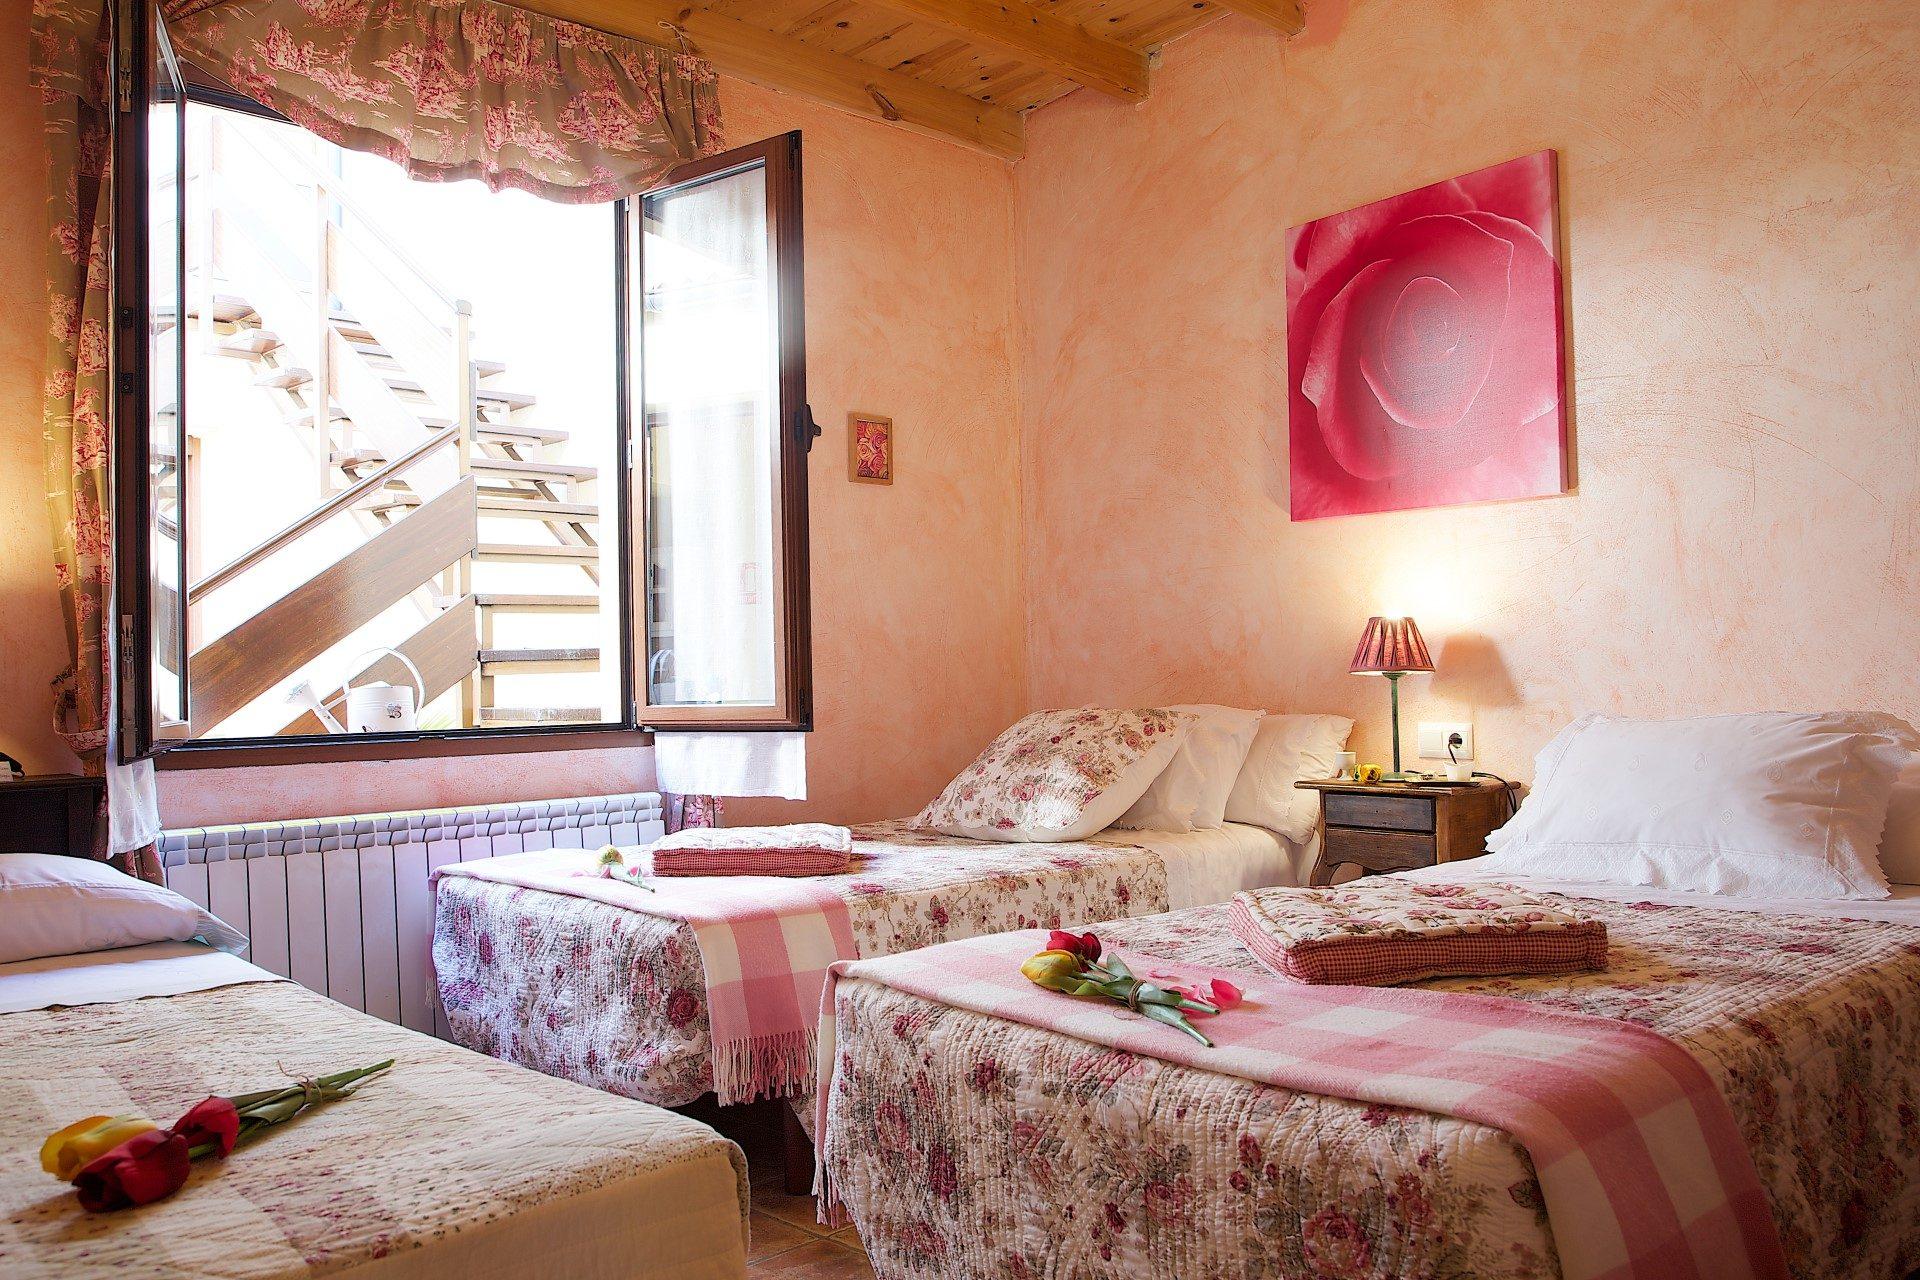 La casa rural beautiful alamedas es una casa con encanto de alquiler completo en la reserva - Casa rural la reserva ...